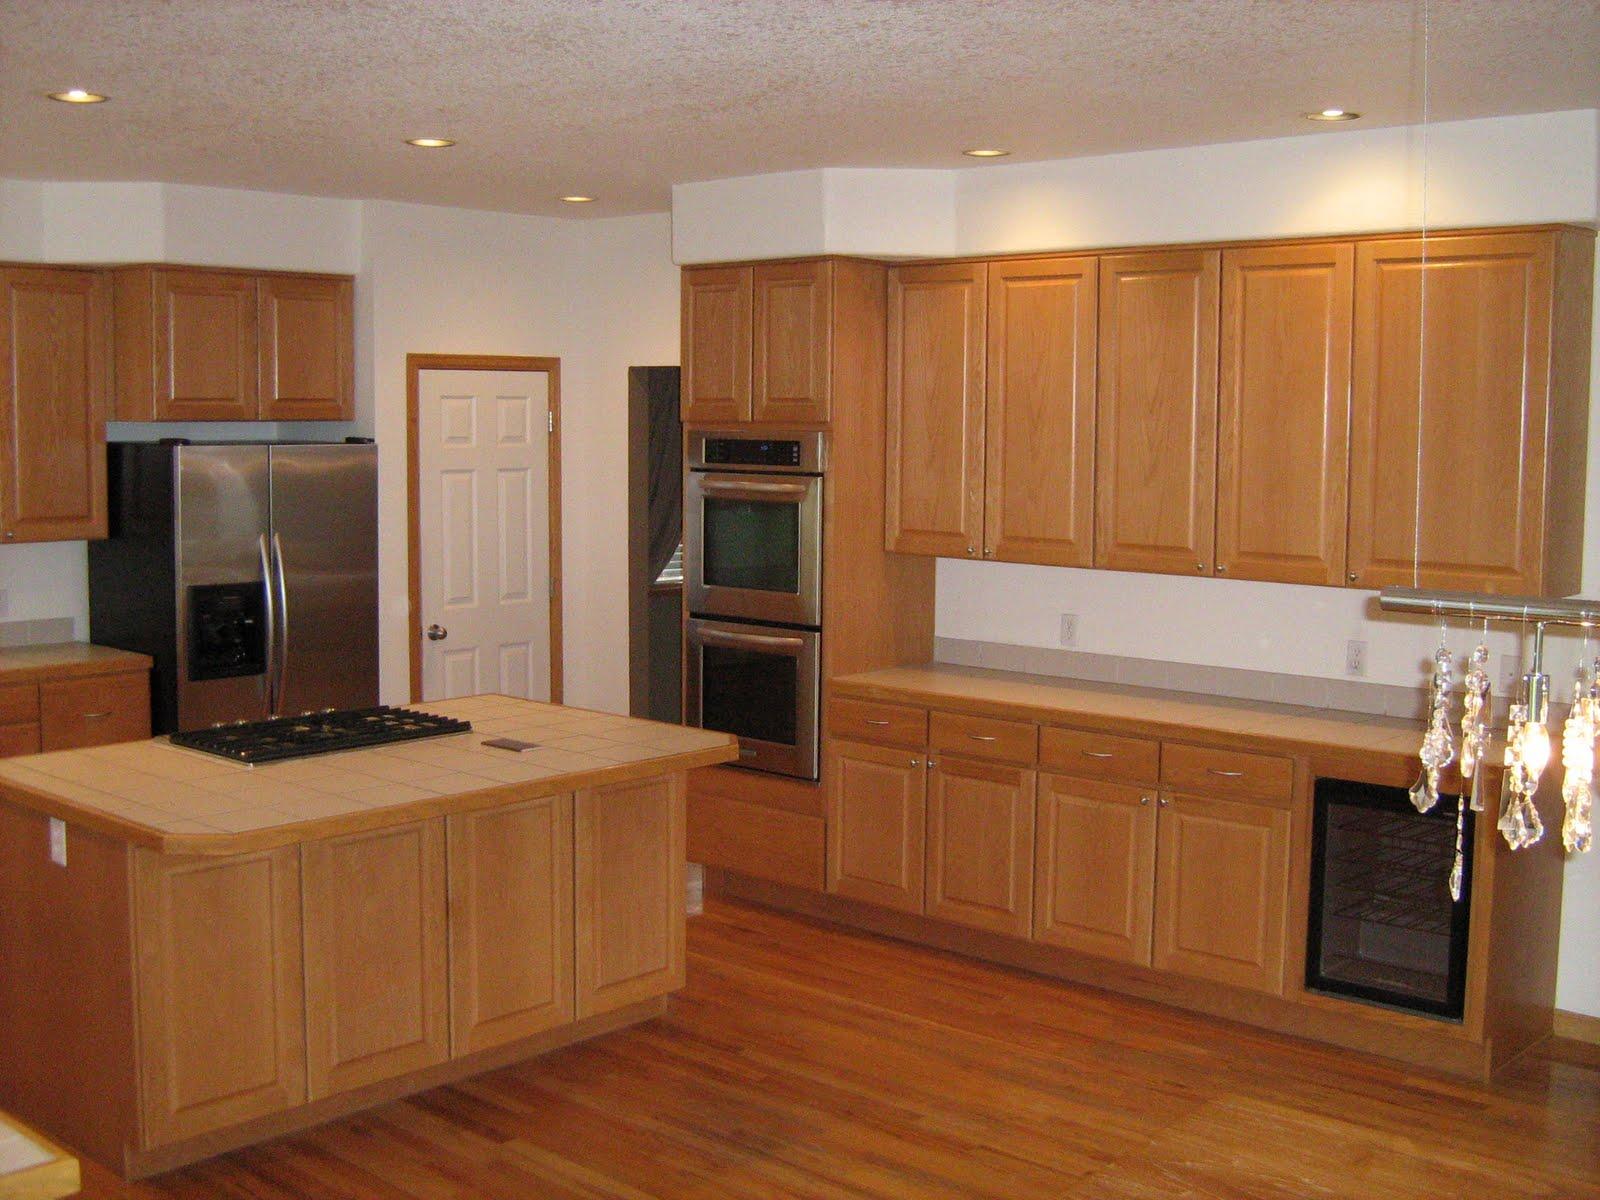 kitchen remodel complete cabinets hardwood floor in kitchen Kitchen Remodel Complete Cabinets Countertops Backsplash Flooring